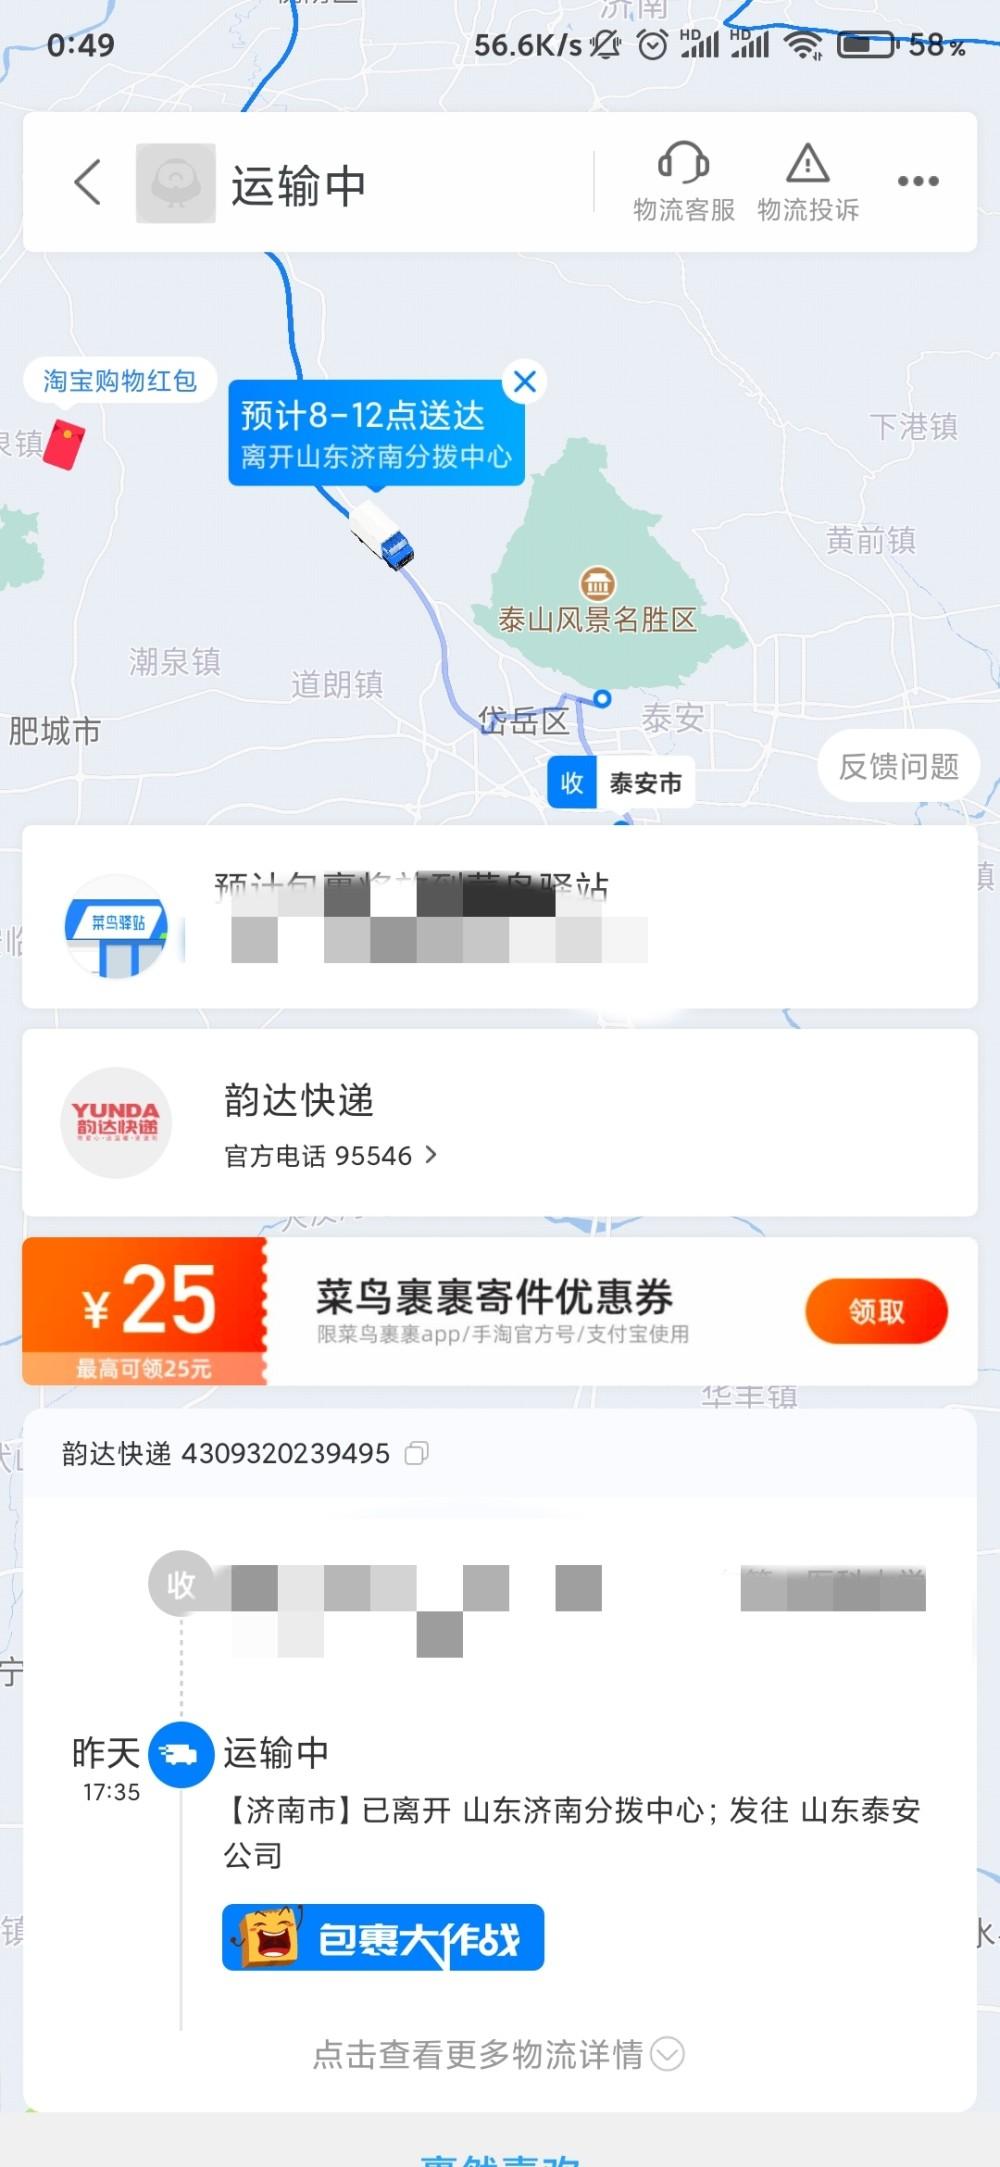 图片[1]-微信公众号免费领两包长寿面-飞享资源网